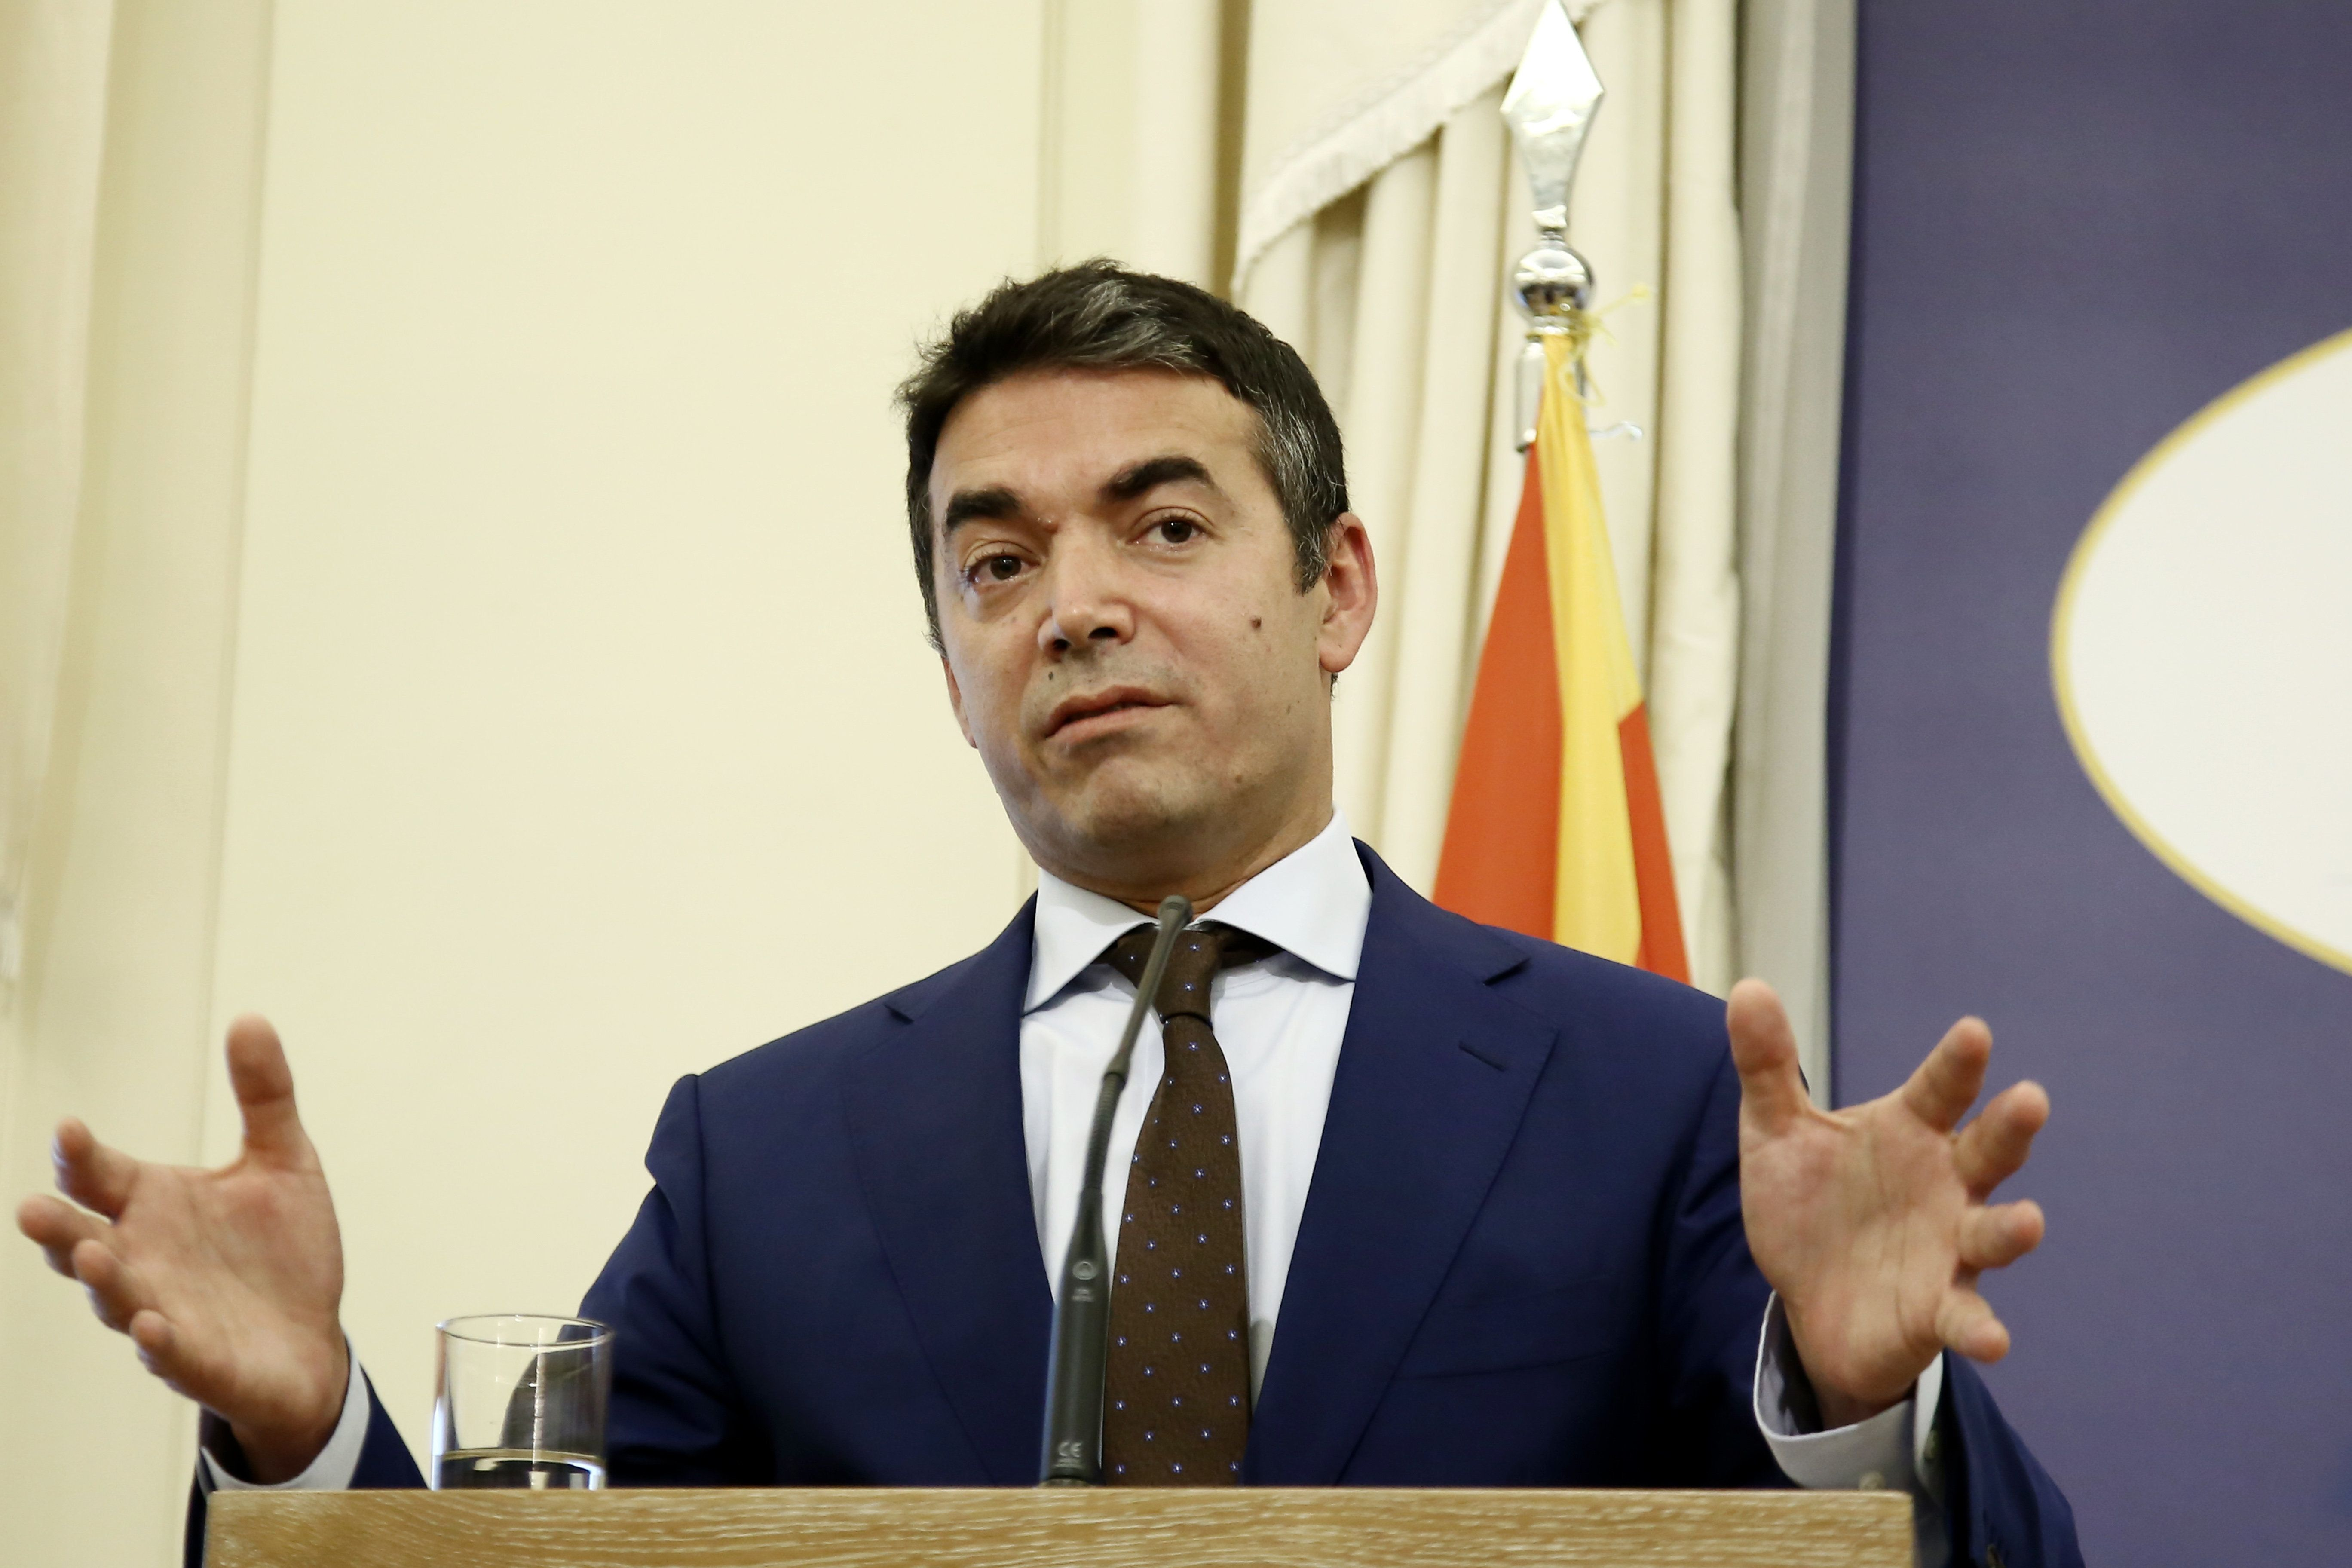 Επικίνδυνη η διαρροή στοιχείων για τη διαπραγμάτευση στο Σκοπιανό. Εμποδίζουν τις προσπάθειες, λέει ο